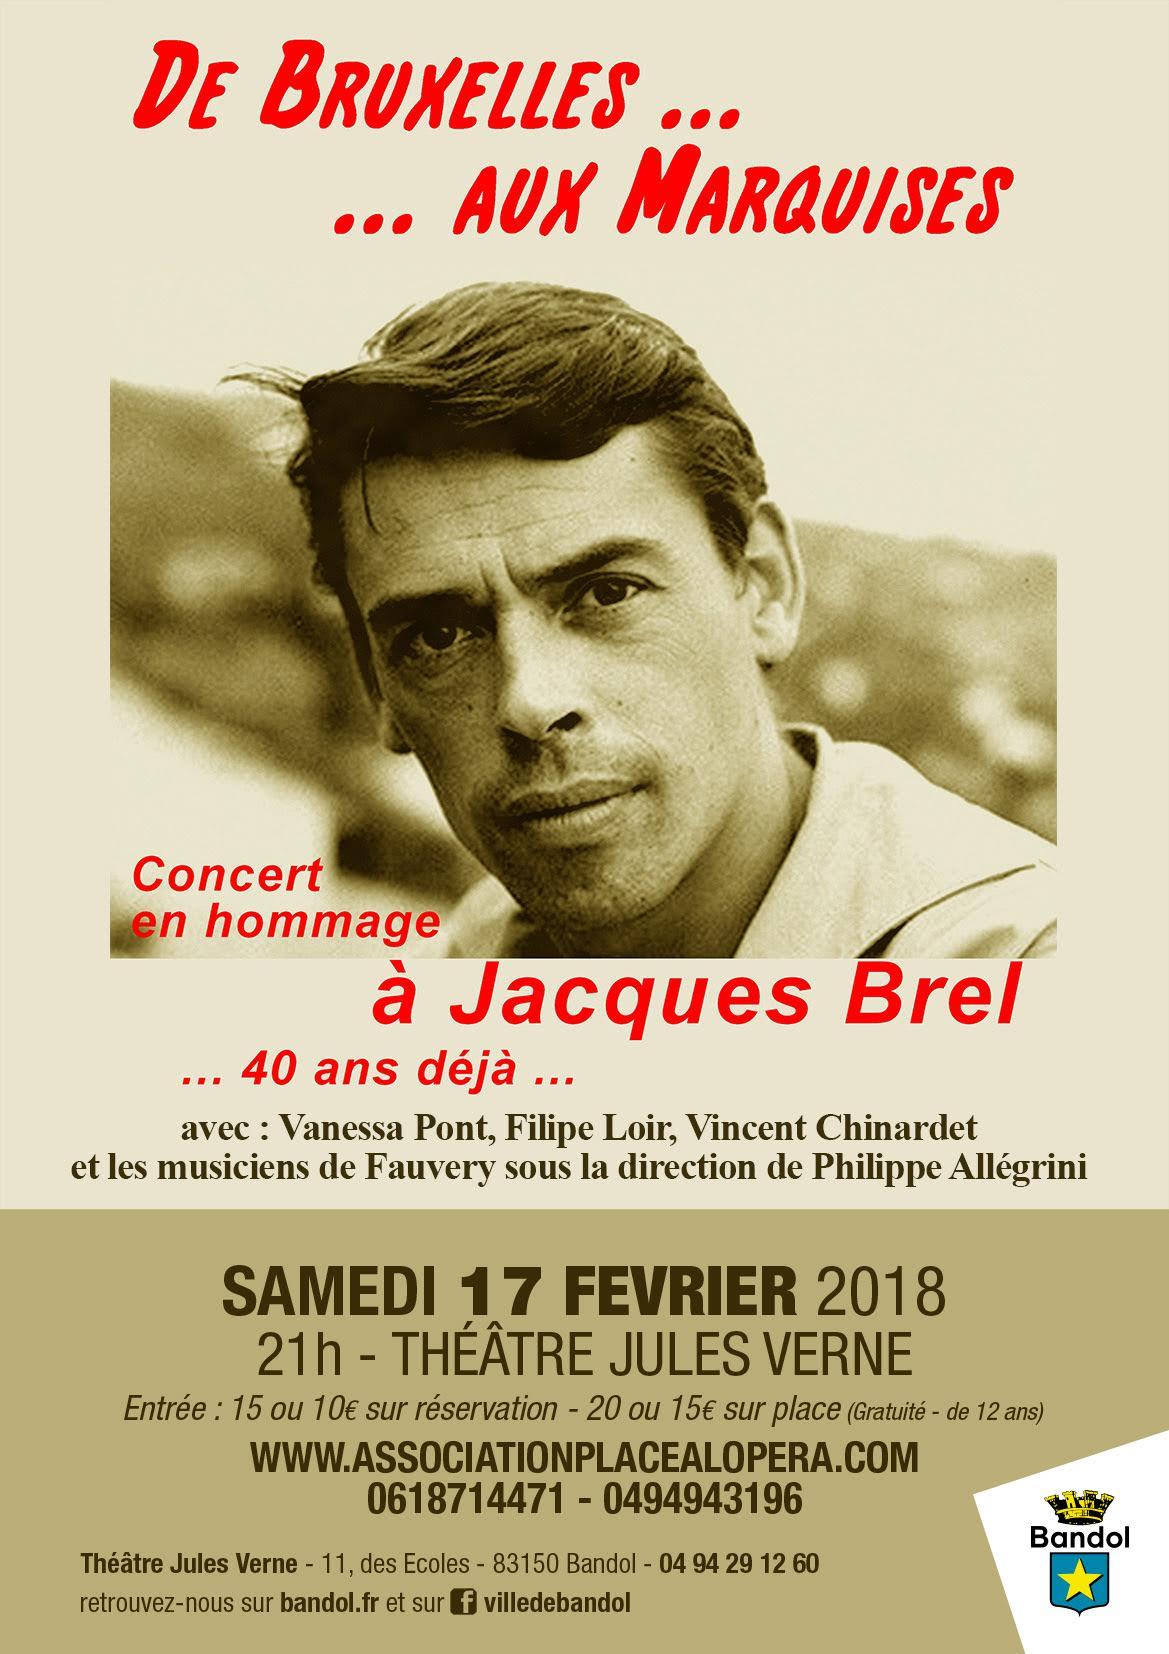 Hommage à Jacques Brel